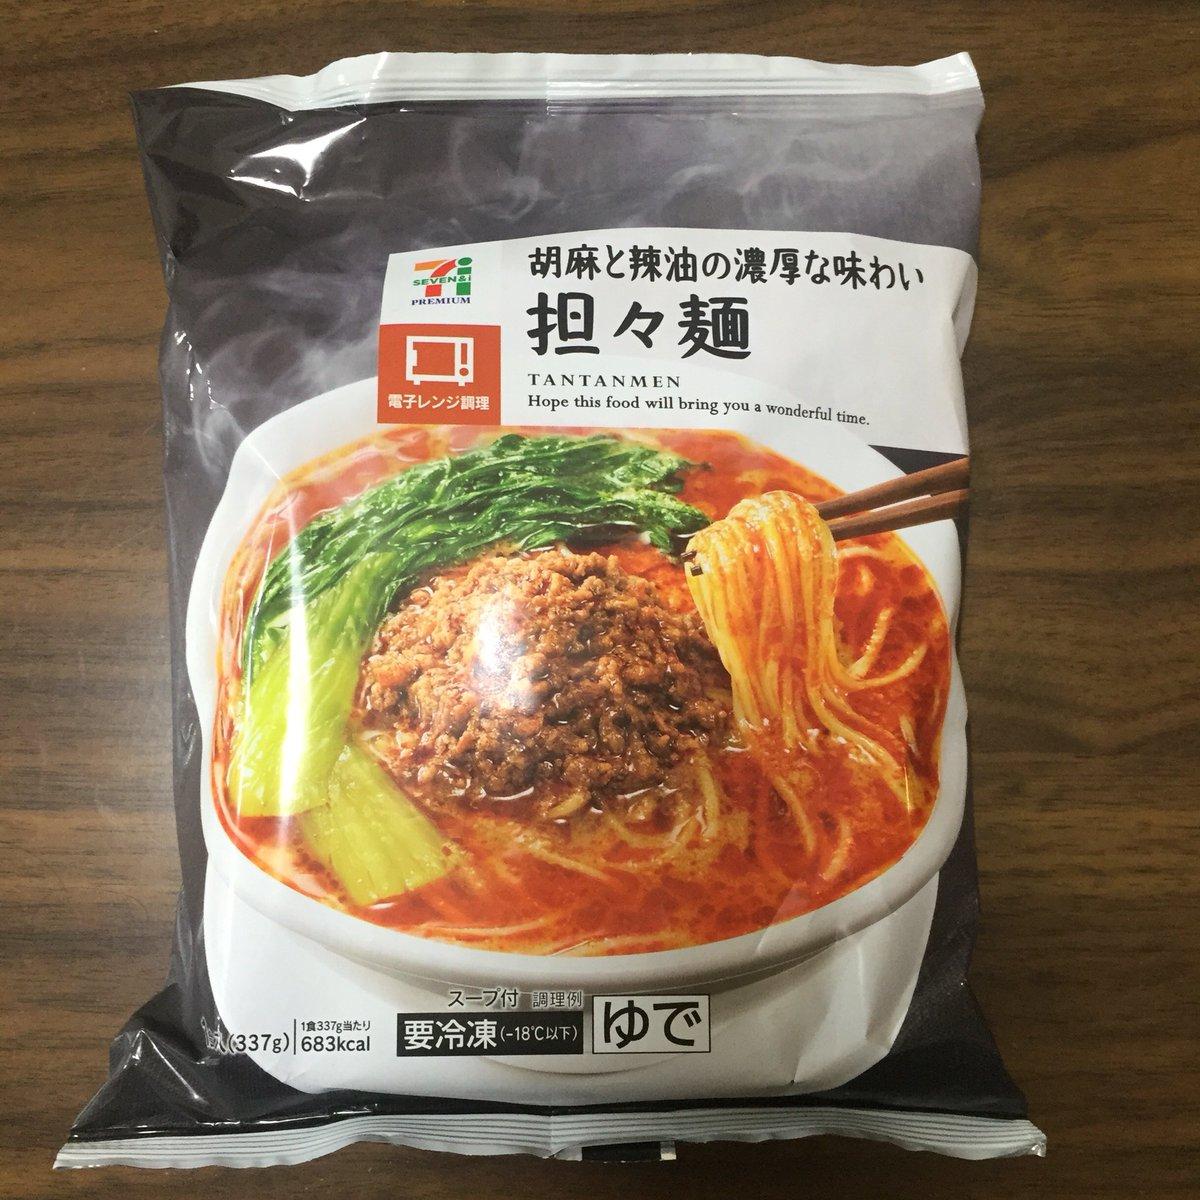 セブンイレブンの冷凍担々麺とごまだれ付き棒棒鶏を合成するとボリューミーで濃厚な担々麺が完成します https://t.co/beBQfOOYIw